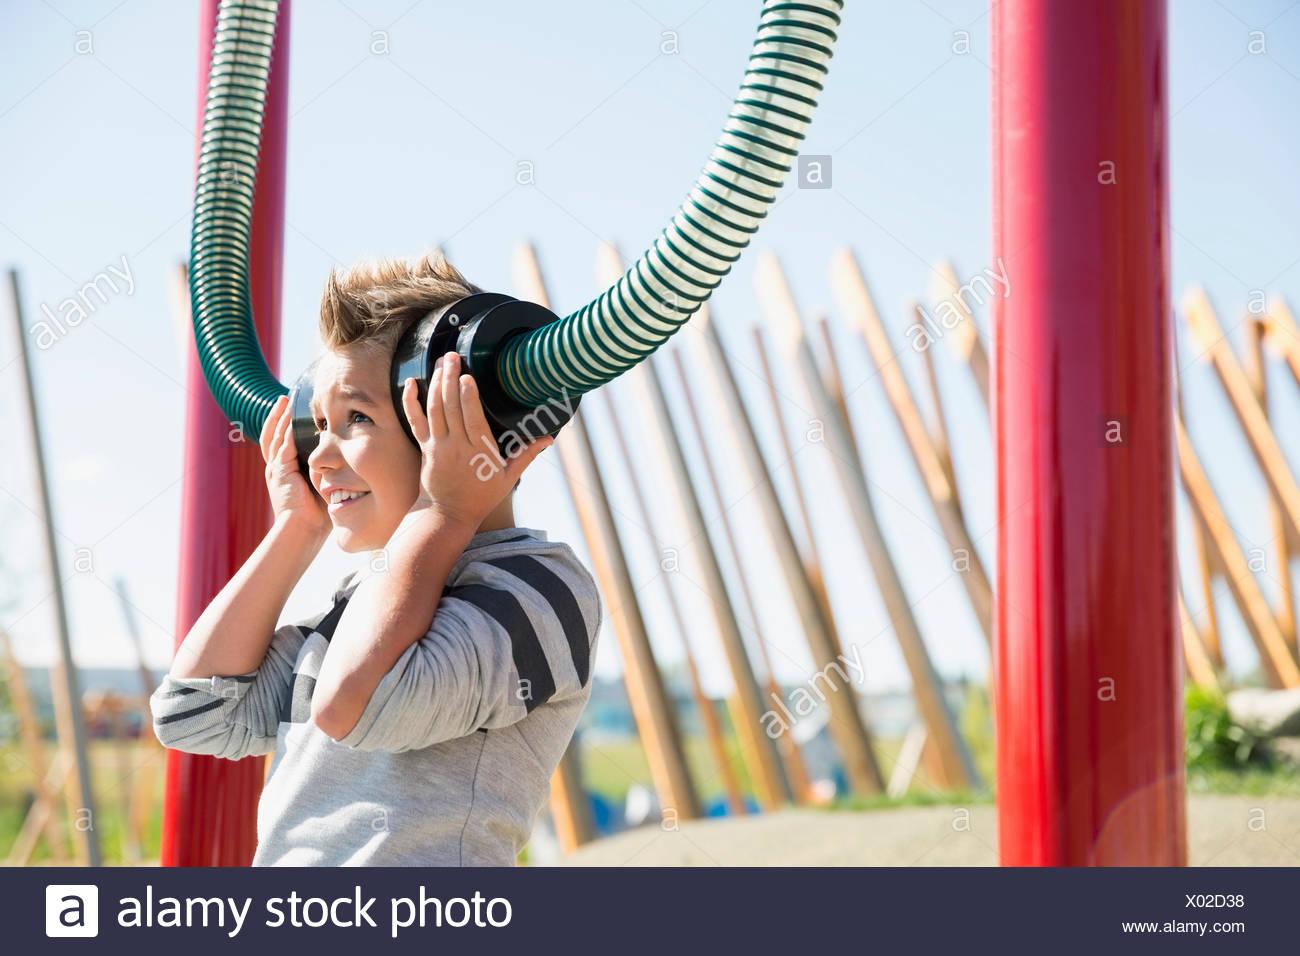 Ragazzo giocando in ascolto per i tubi nel soleggiato parco giochi Immagini Stock